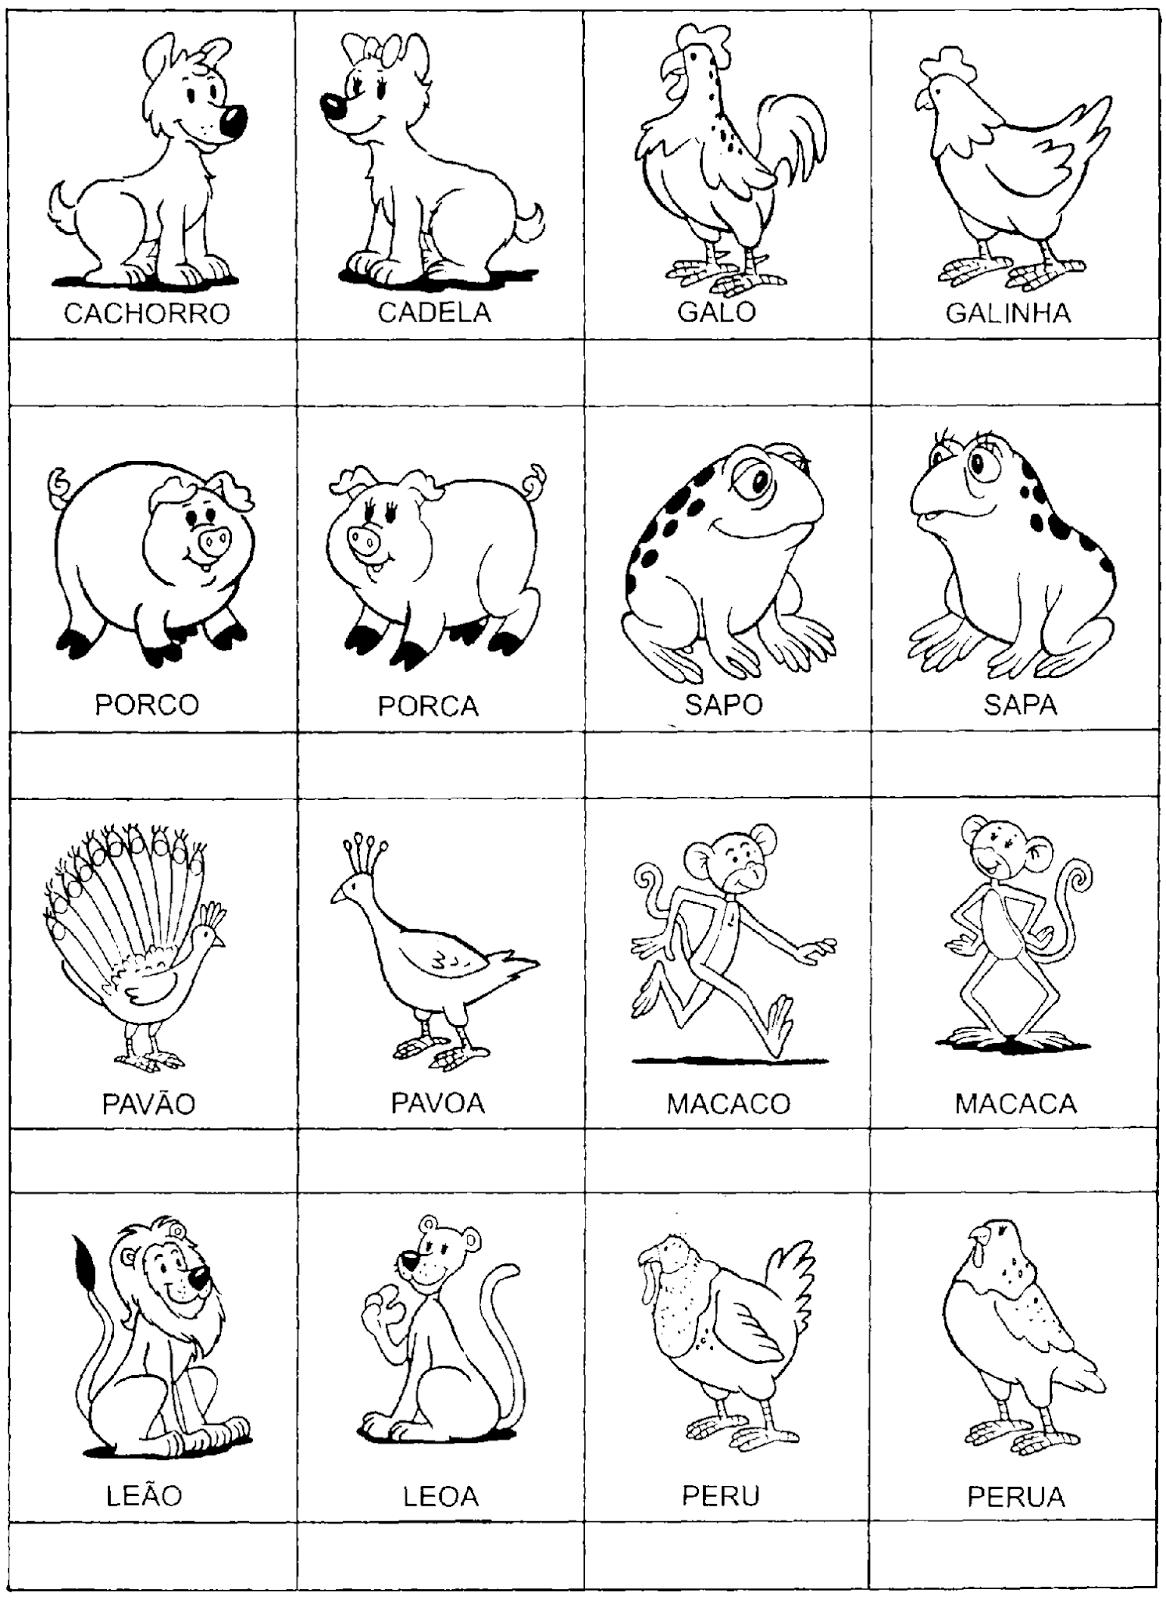 Jogos Da Memória Para Imprimir E Colorir